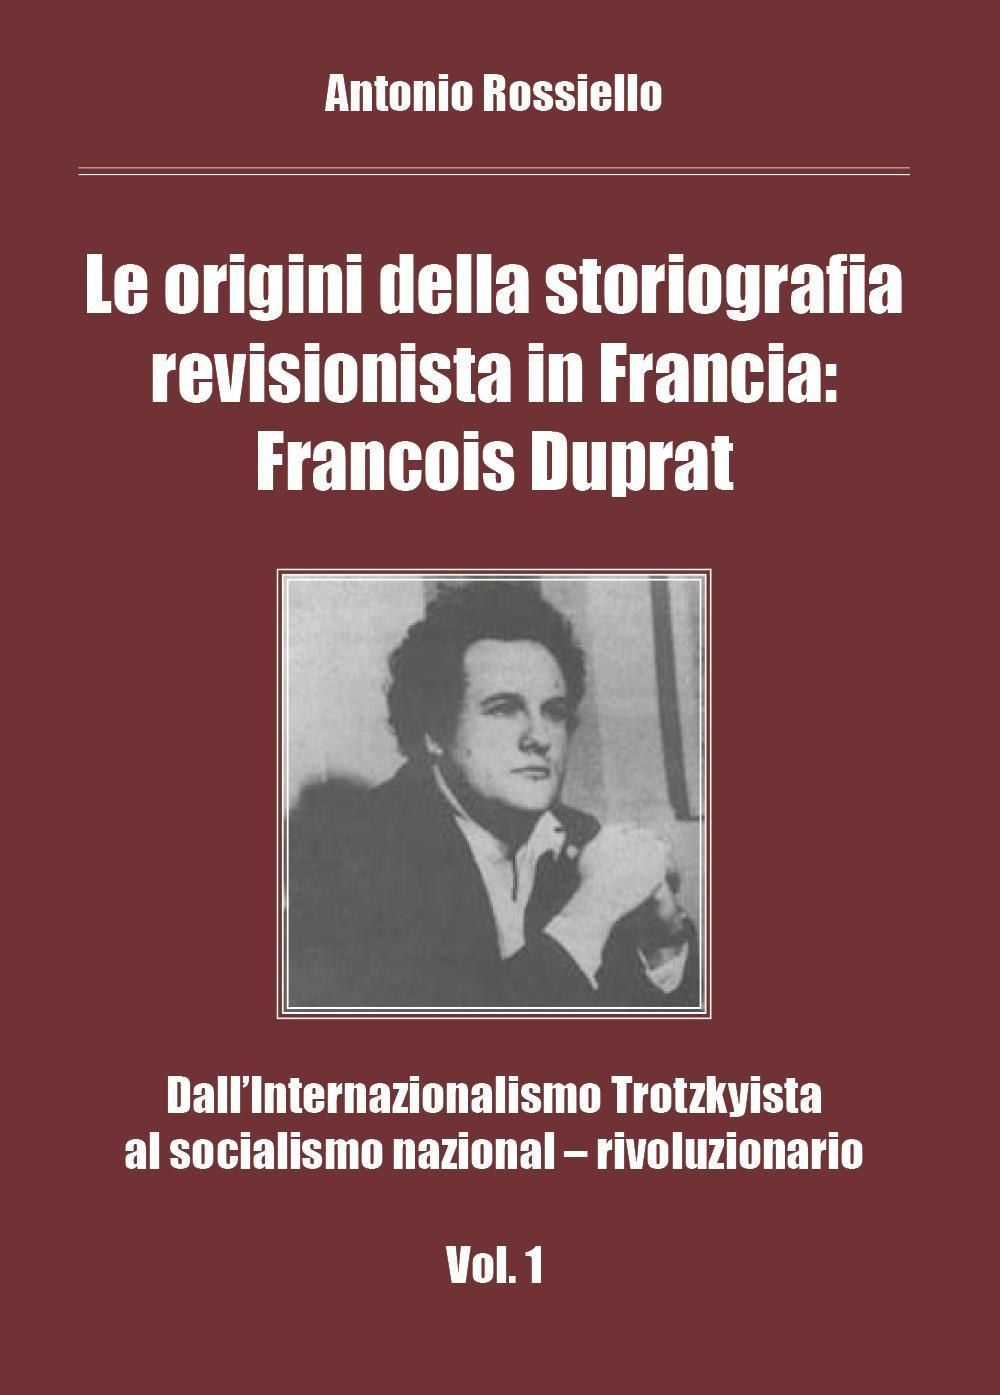 Le origini della storiografia revisionista in Francia: Francois Duprat - Dall'Internazionalismo Trotzkyista al socialismo nazional – rivoluzionario. Vol. 1